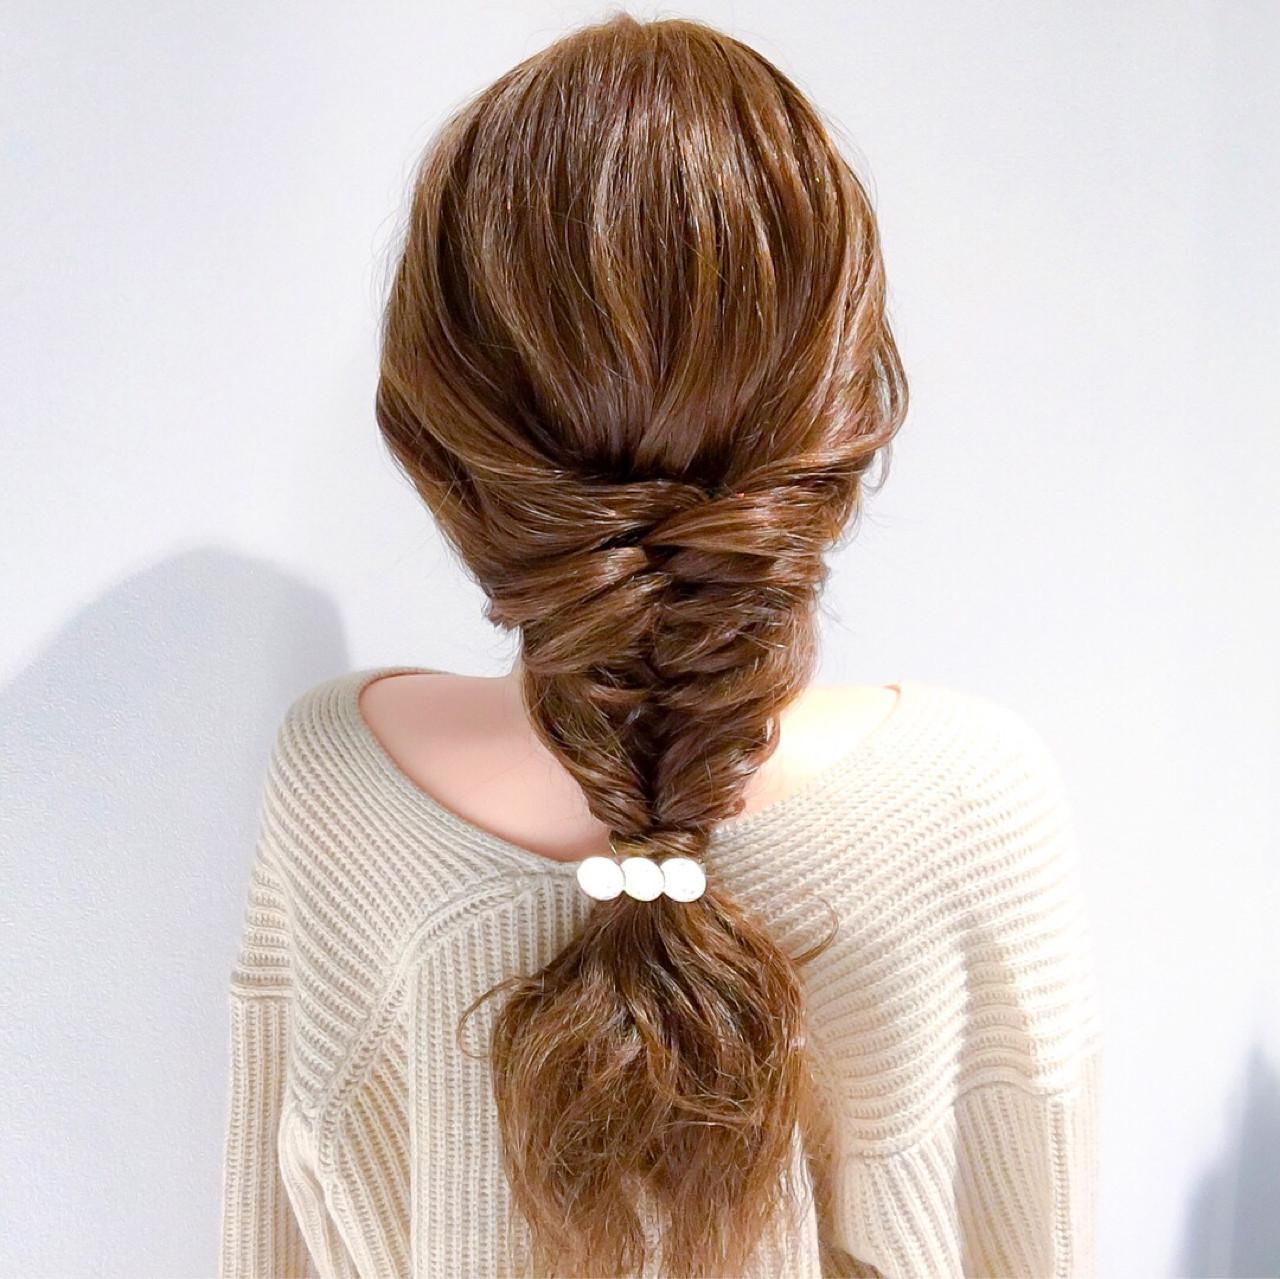 ロングのフィッシュボーンセルフアレンジ 美容師 HIRO